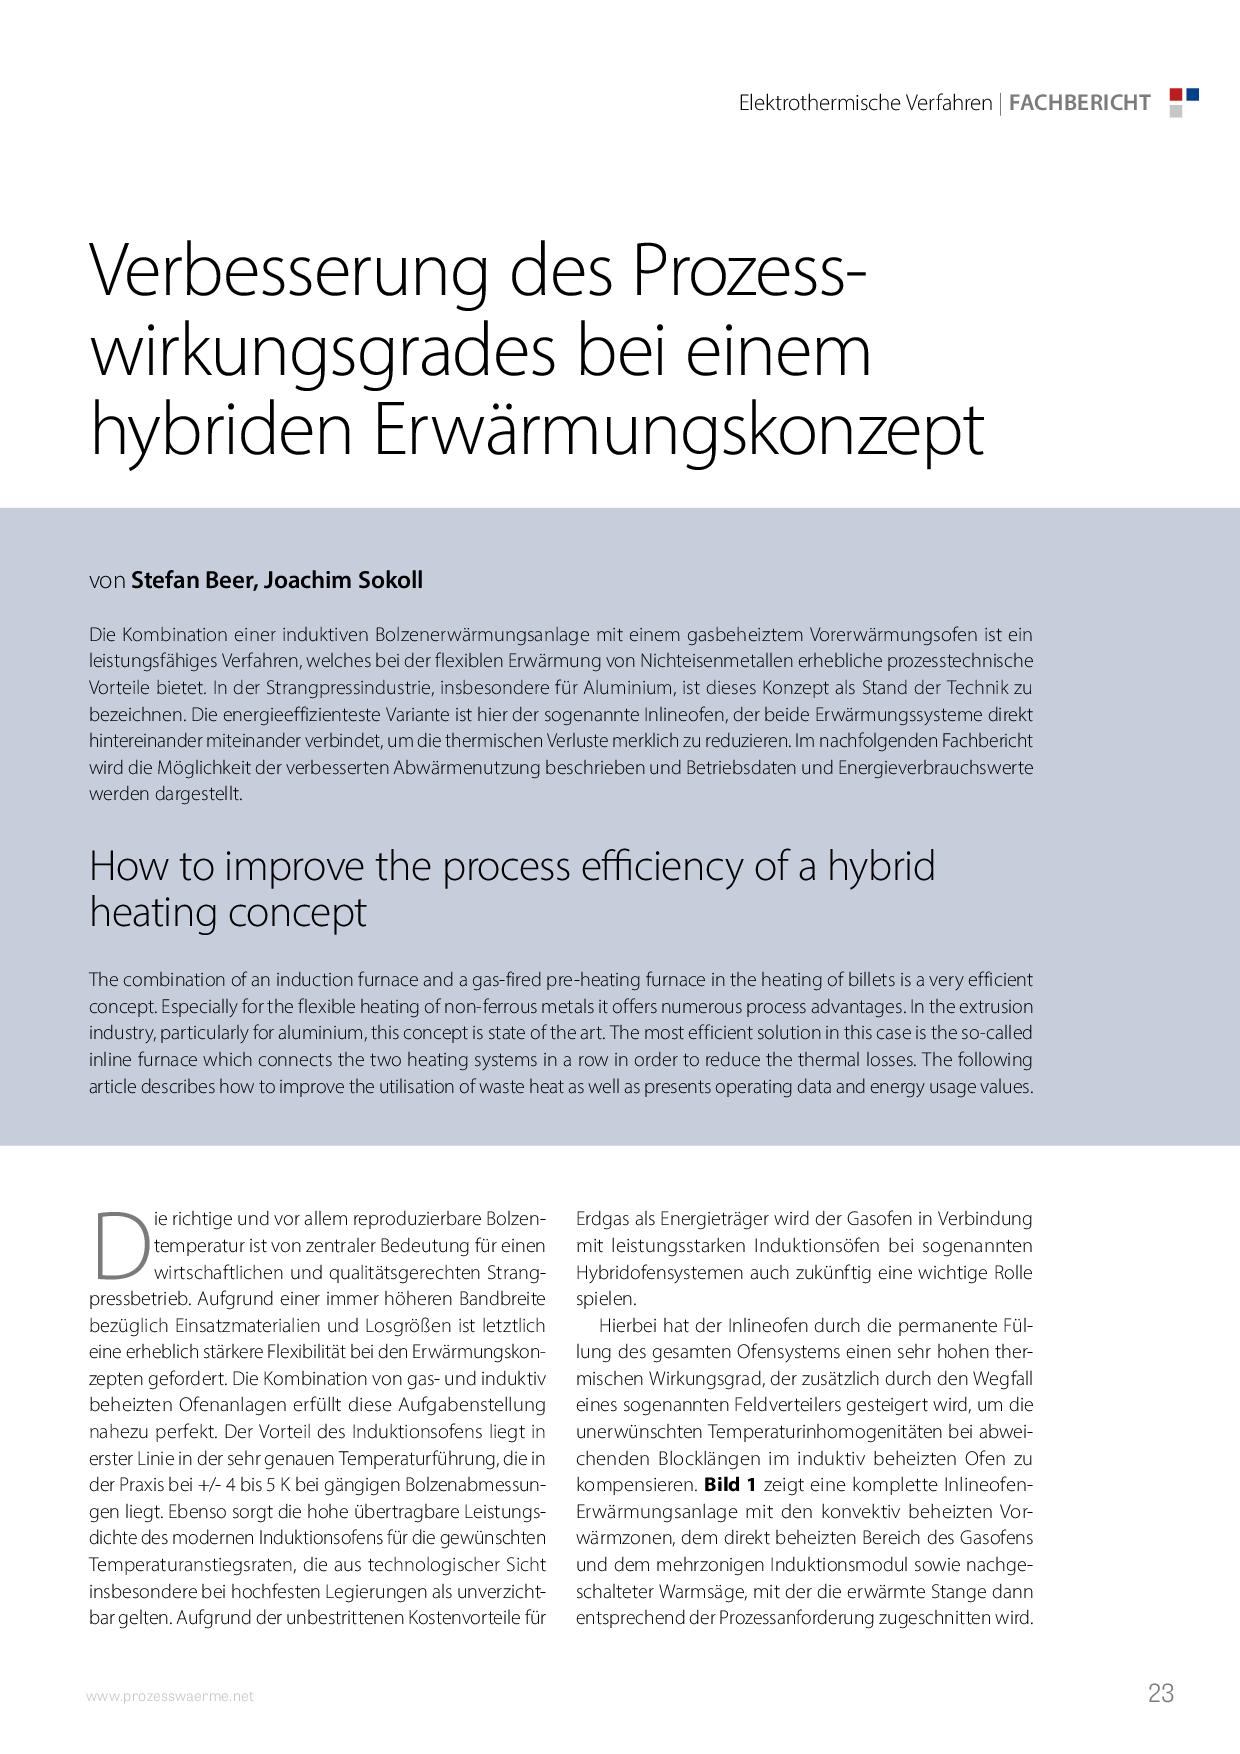 Verbesserung des Prozesswirkungsgrades bei einem hybriden Erwärmungskonzept